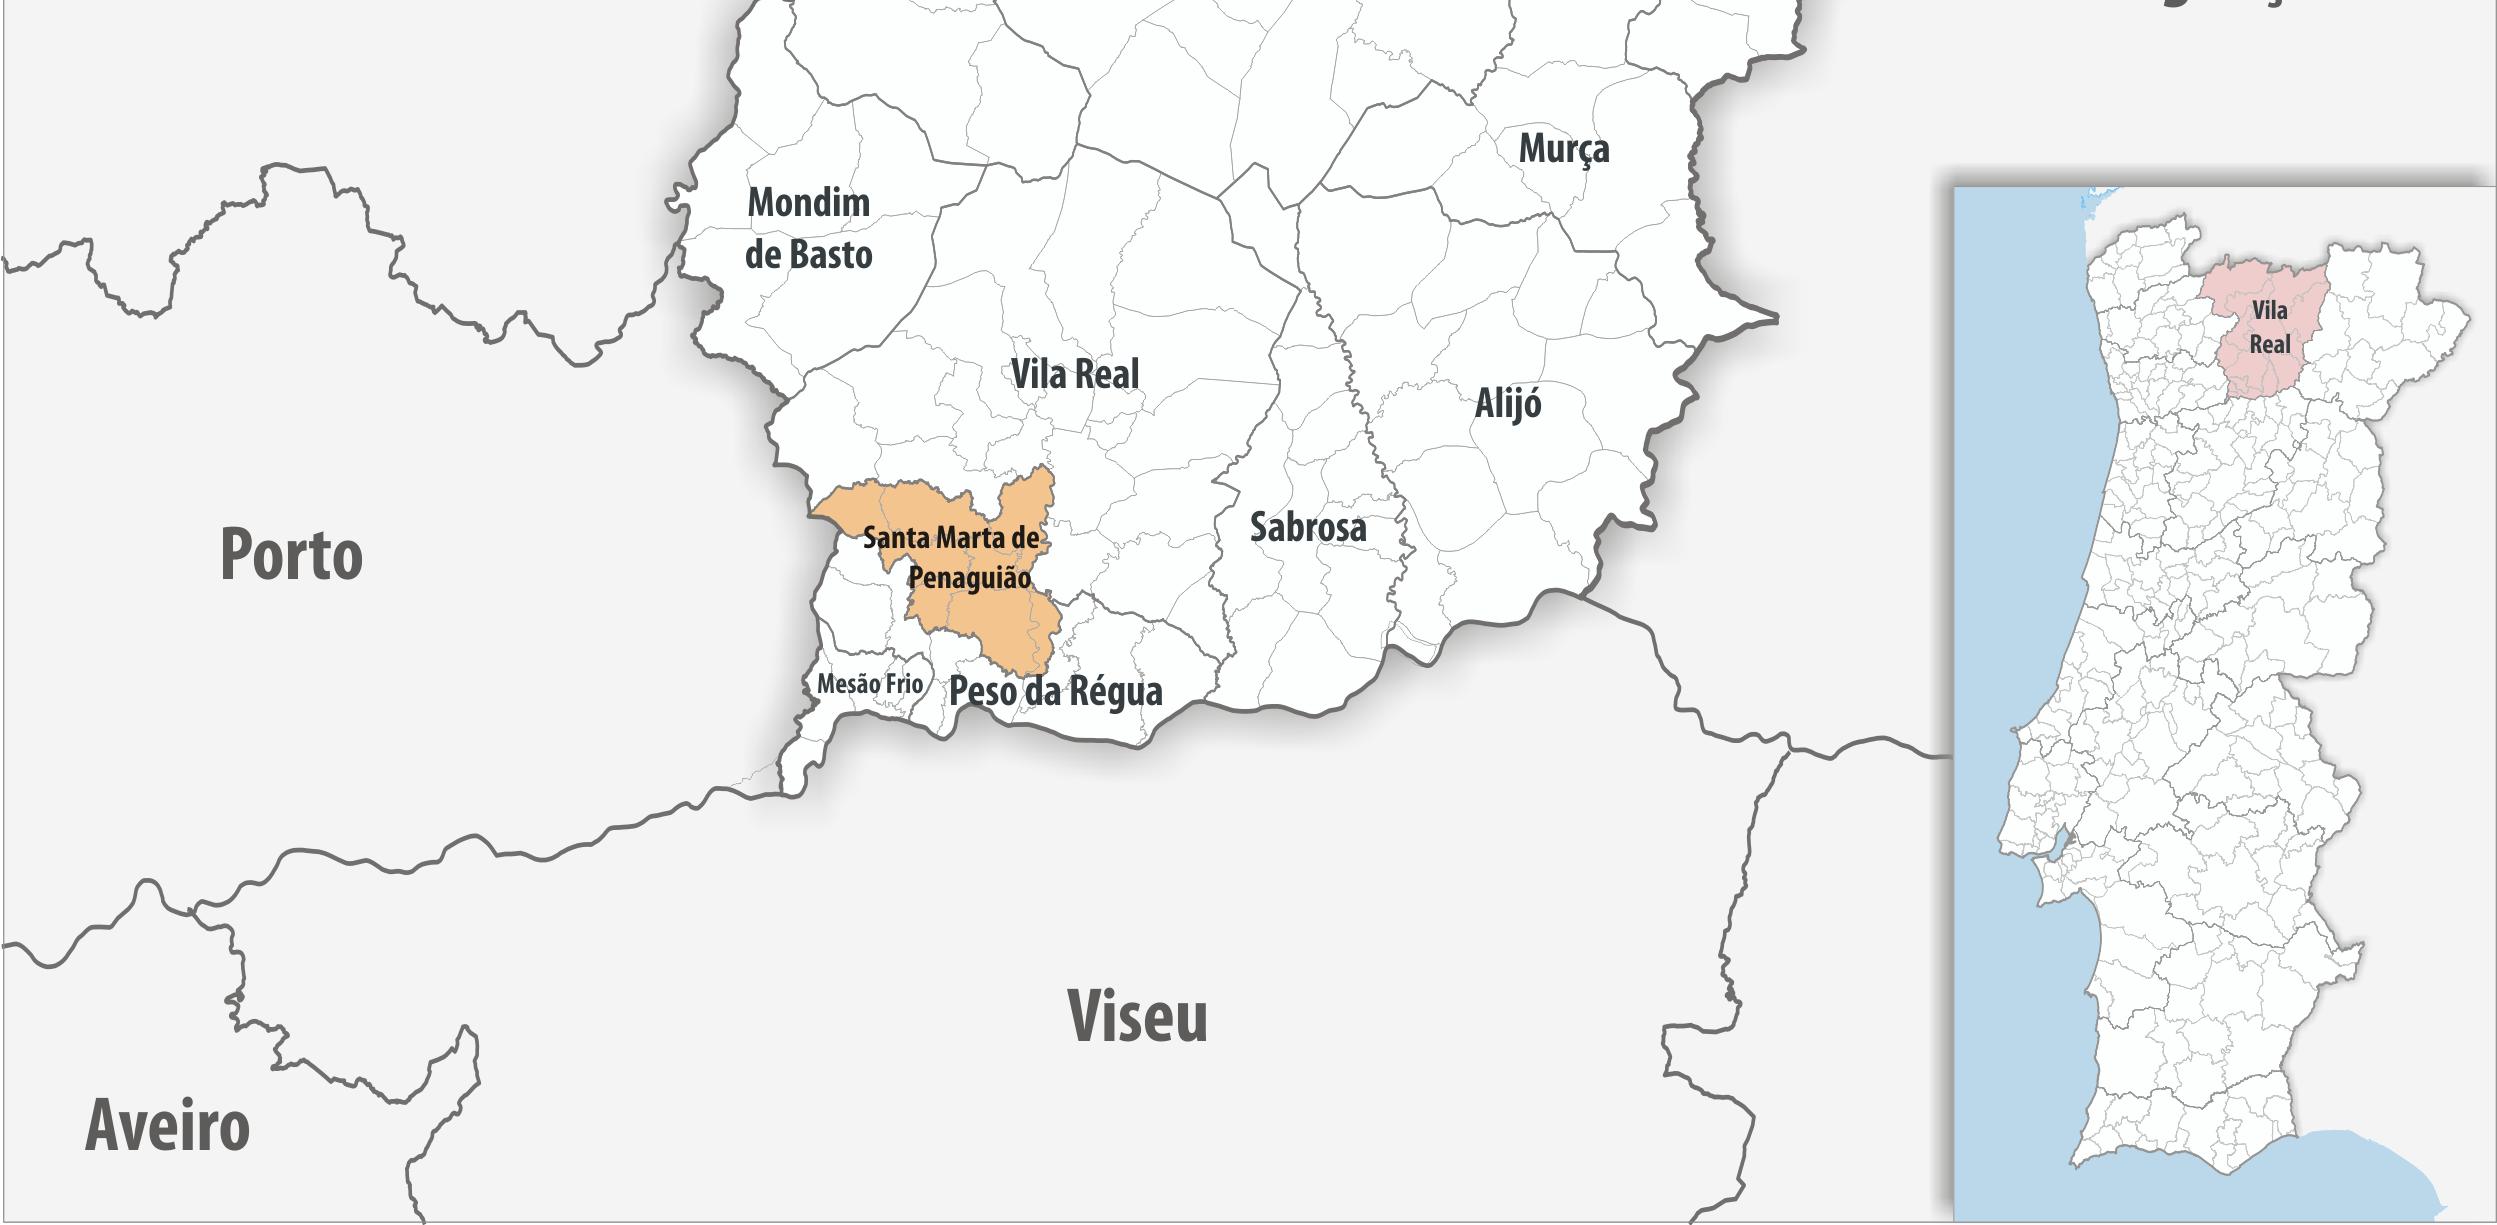 Radiografias Concelhias: Santa Marta de Penaguião